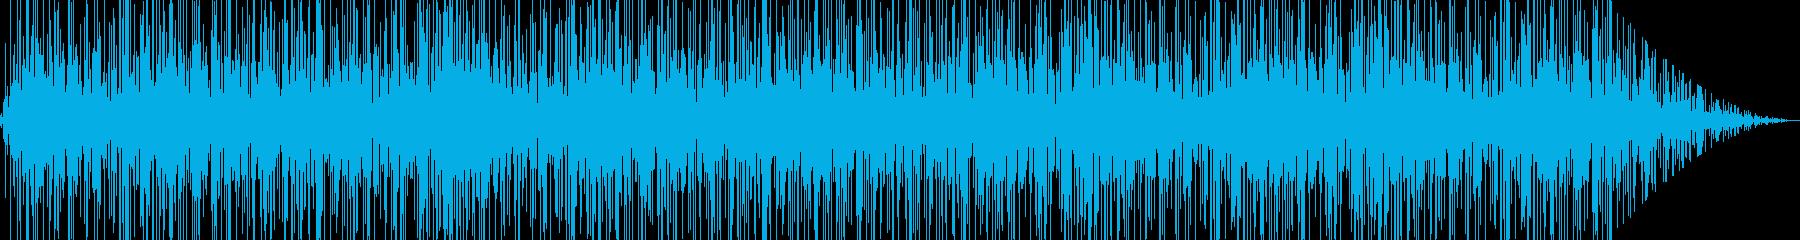 フューズバーニング、ファイヤーファ...の再生済みの波形